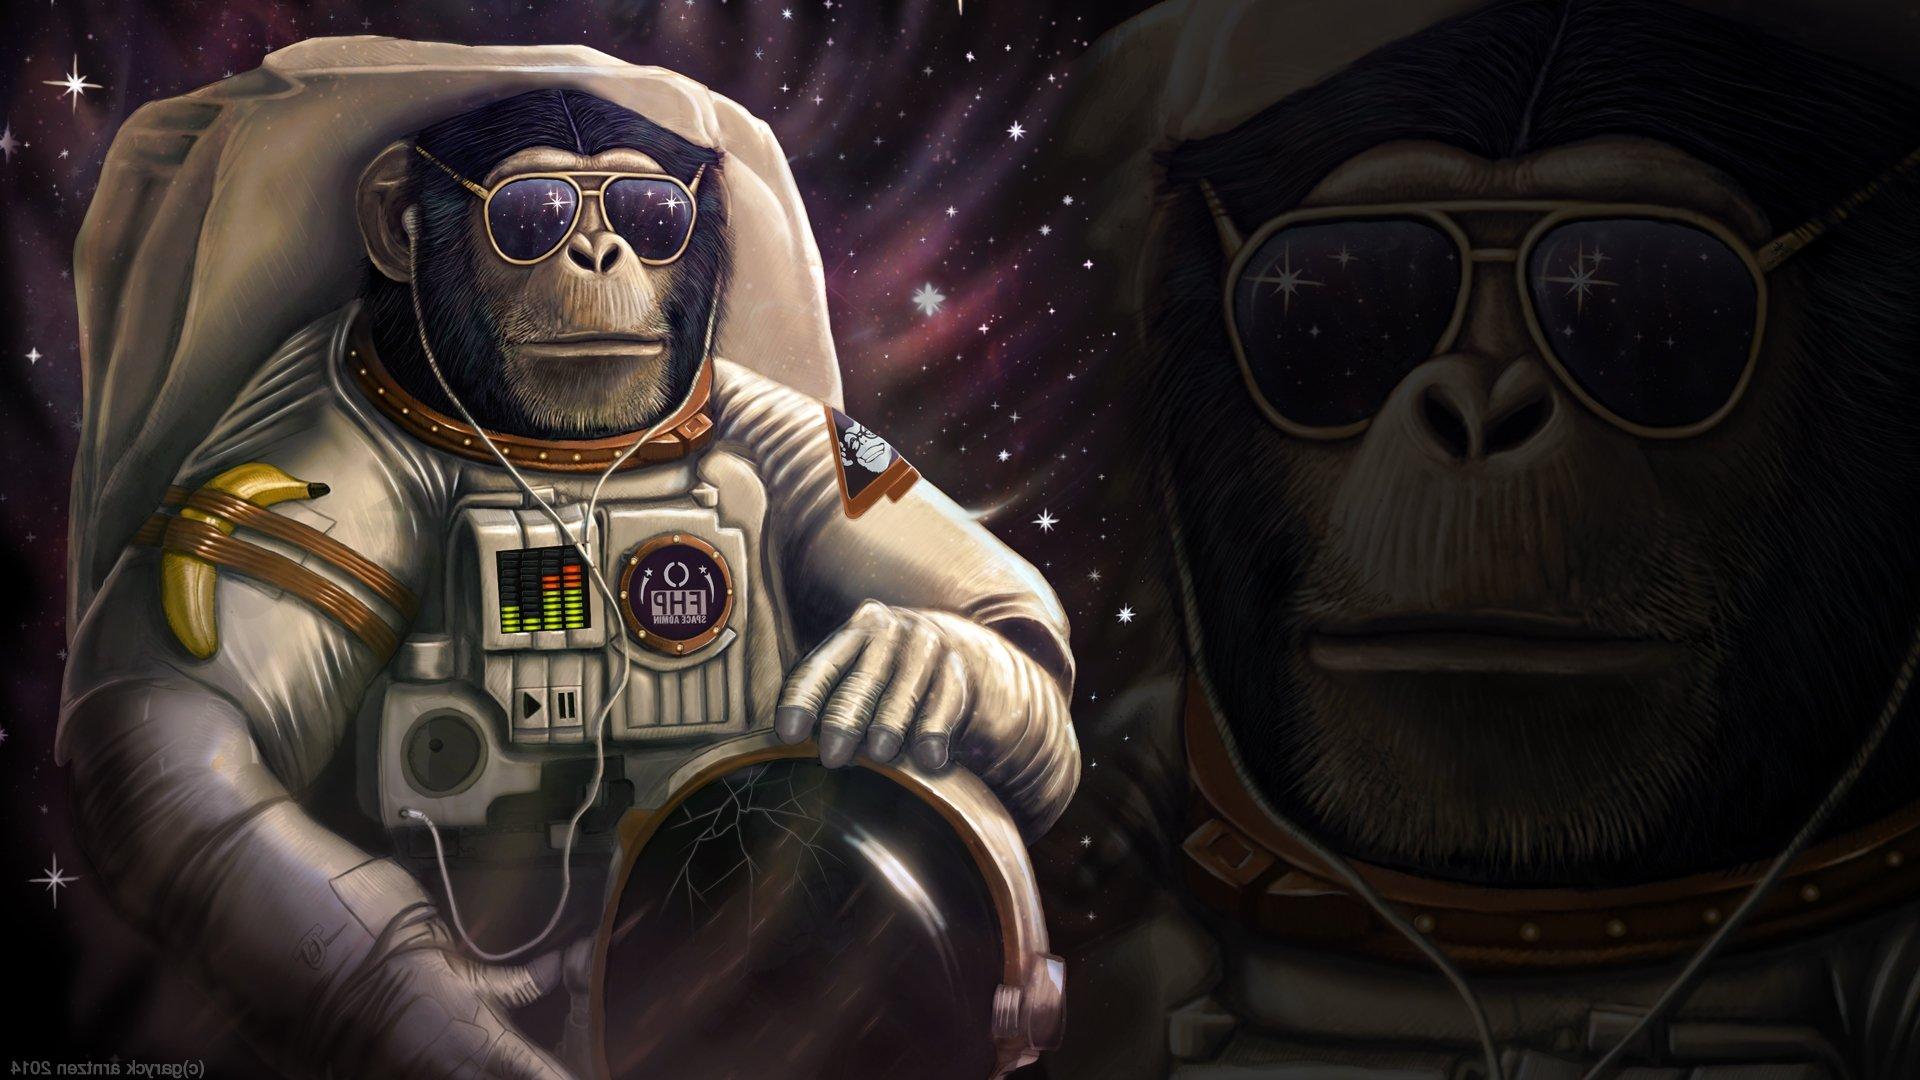 HD Astronaut Wallpaper - WallpaperSafari